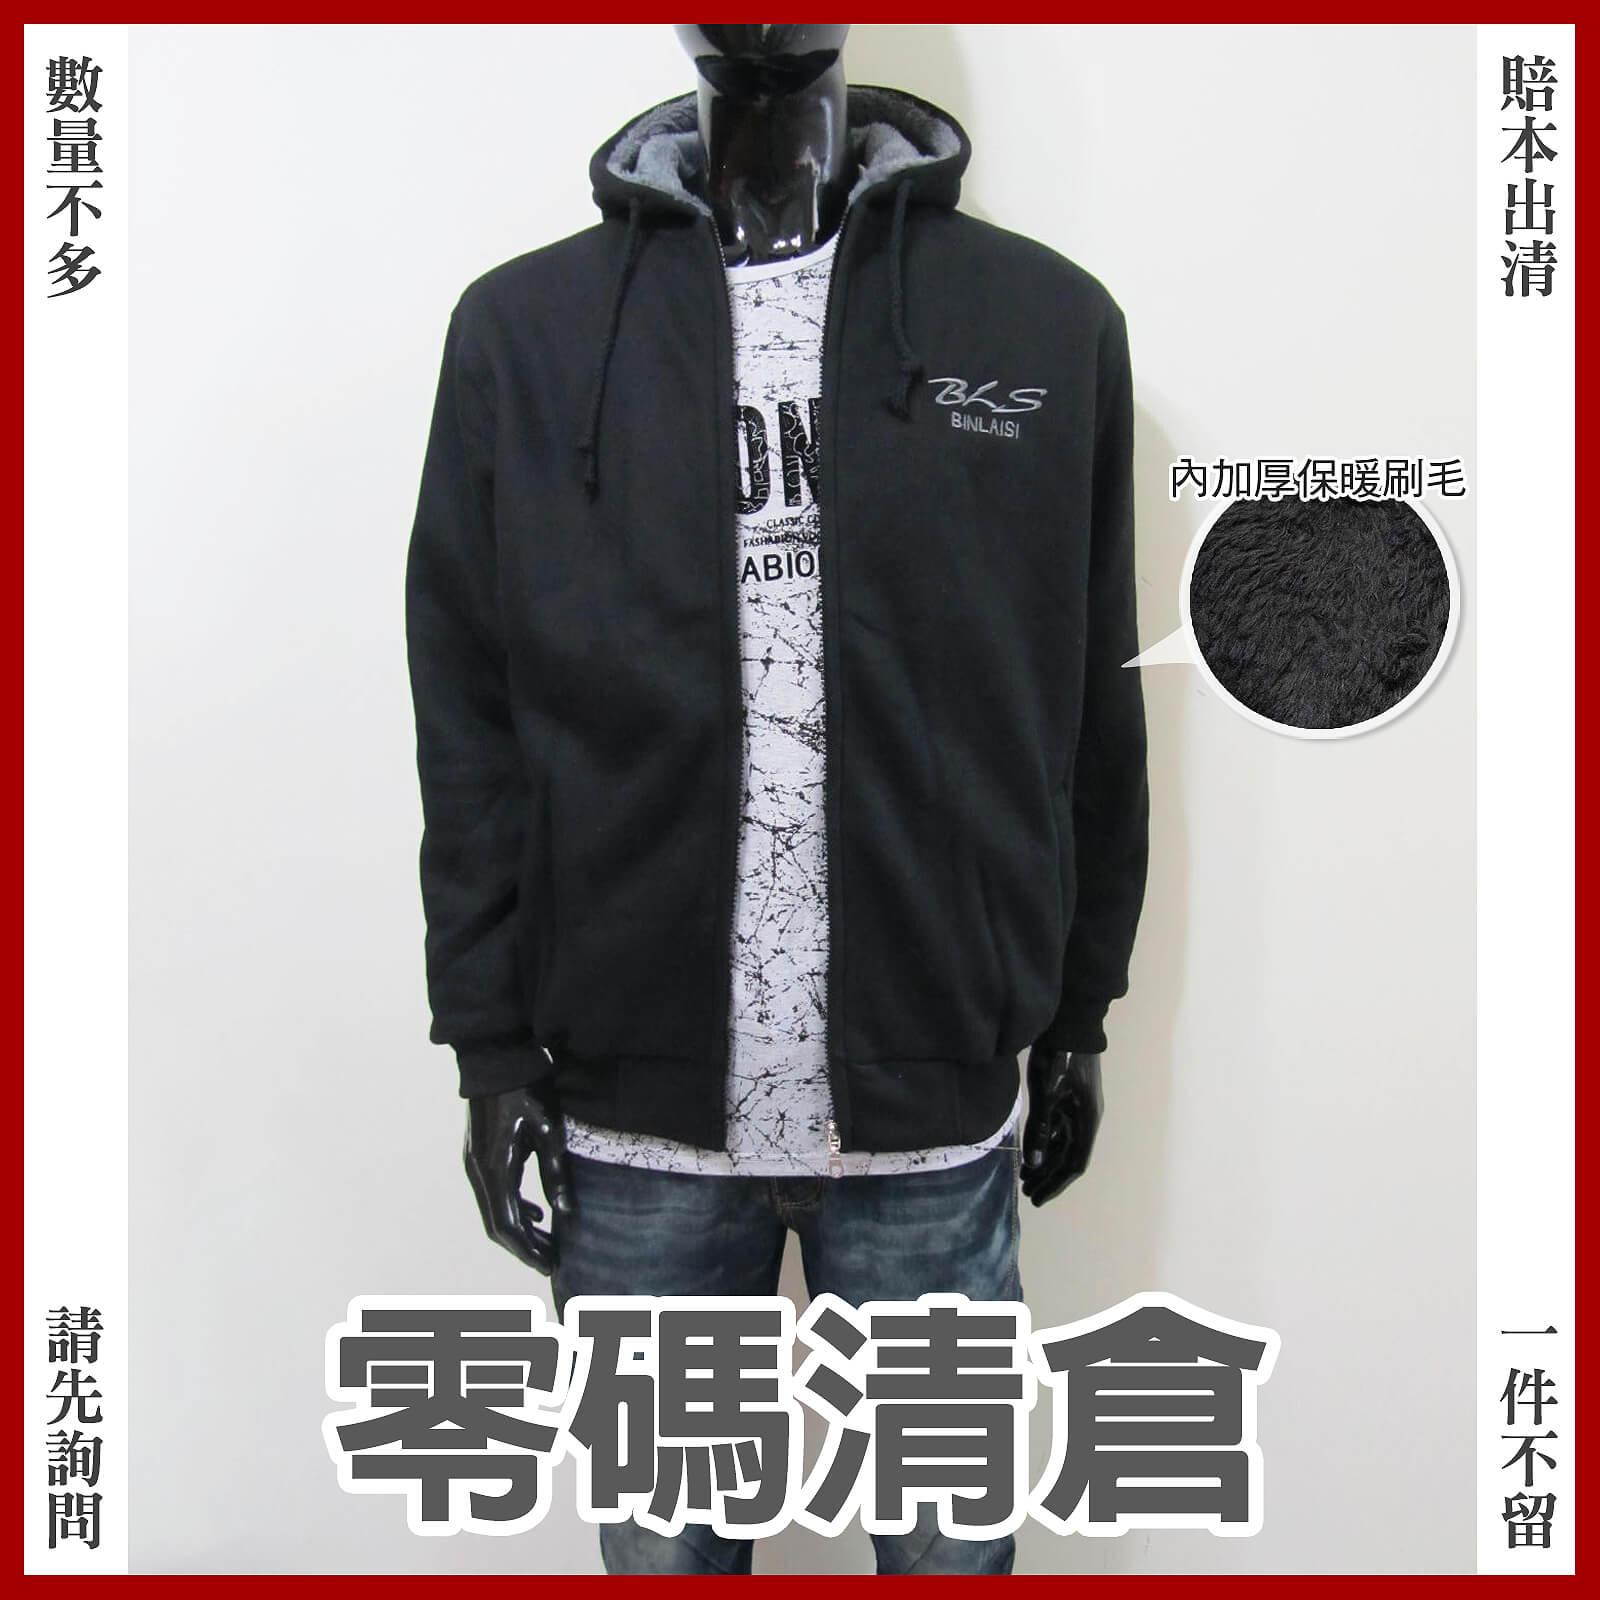 厚刷毛外套 保暖外套 連帽外套 夾克外套 休閒外套 黑色外套 Fleece Jackets Warm Jackets Casual Jackets Men's Jackets (312-2801-21)黑色 單一尺寸 F 胸圍46英吋 (117公分) 男 [實體店面保障]sun-e 0